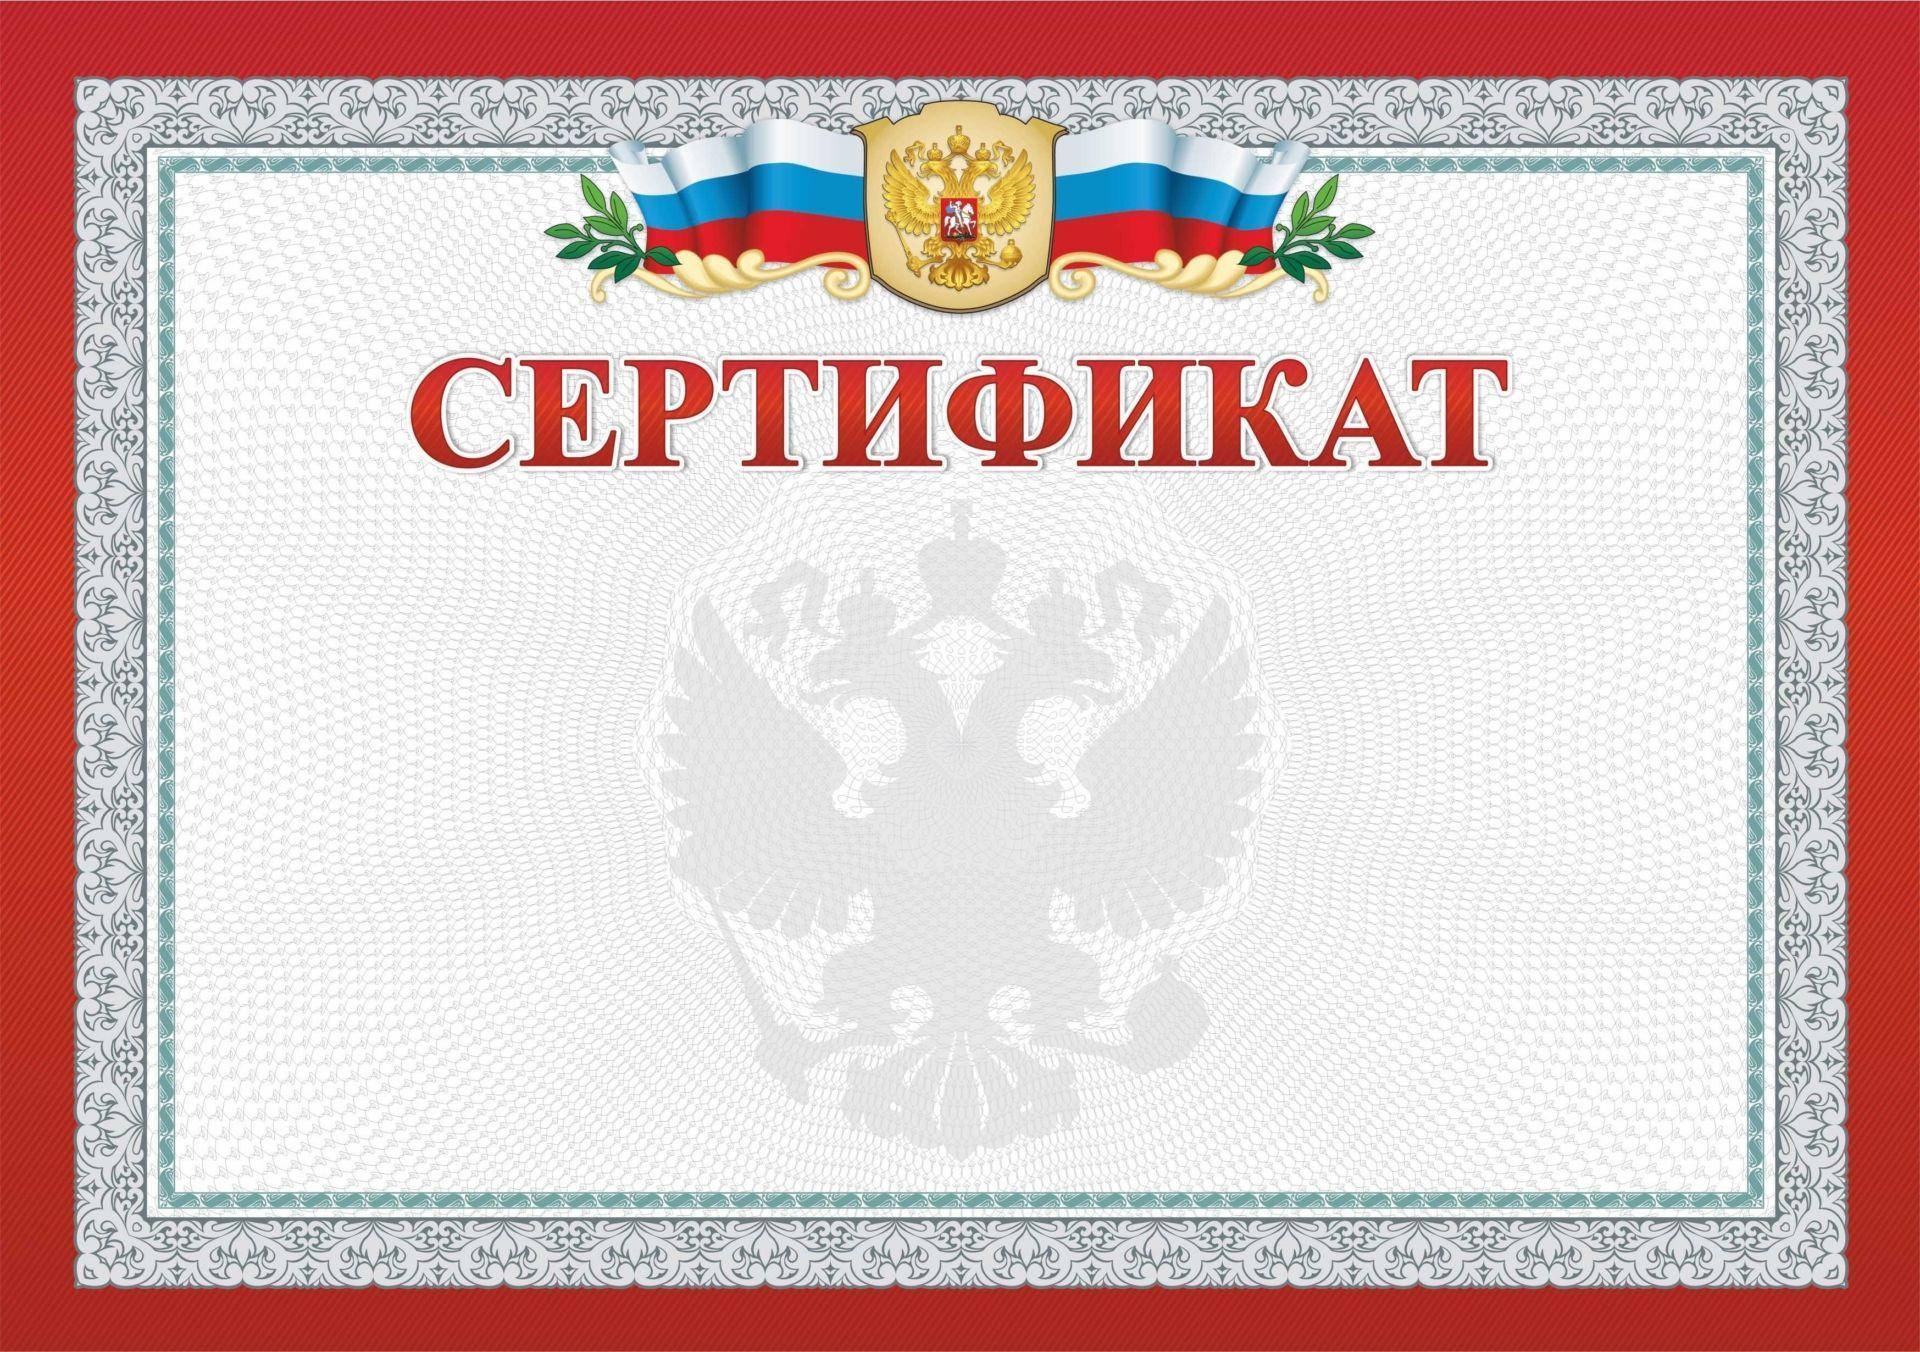 Сертификат (с гербом и флагом, горизонтальный)Сертификаты<br>Материалы:на обложку - бумага мелованная, пл. 250.00.<br><br>Год: 2017<br>Высота: 297<br>Ширина: 210